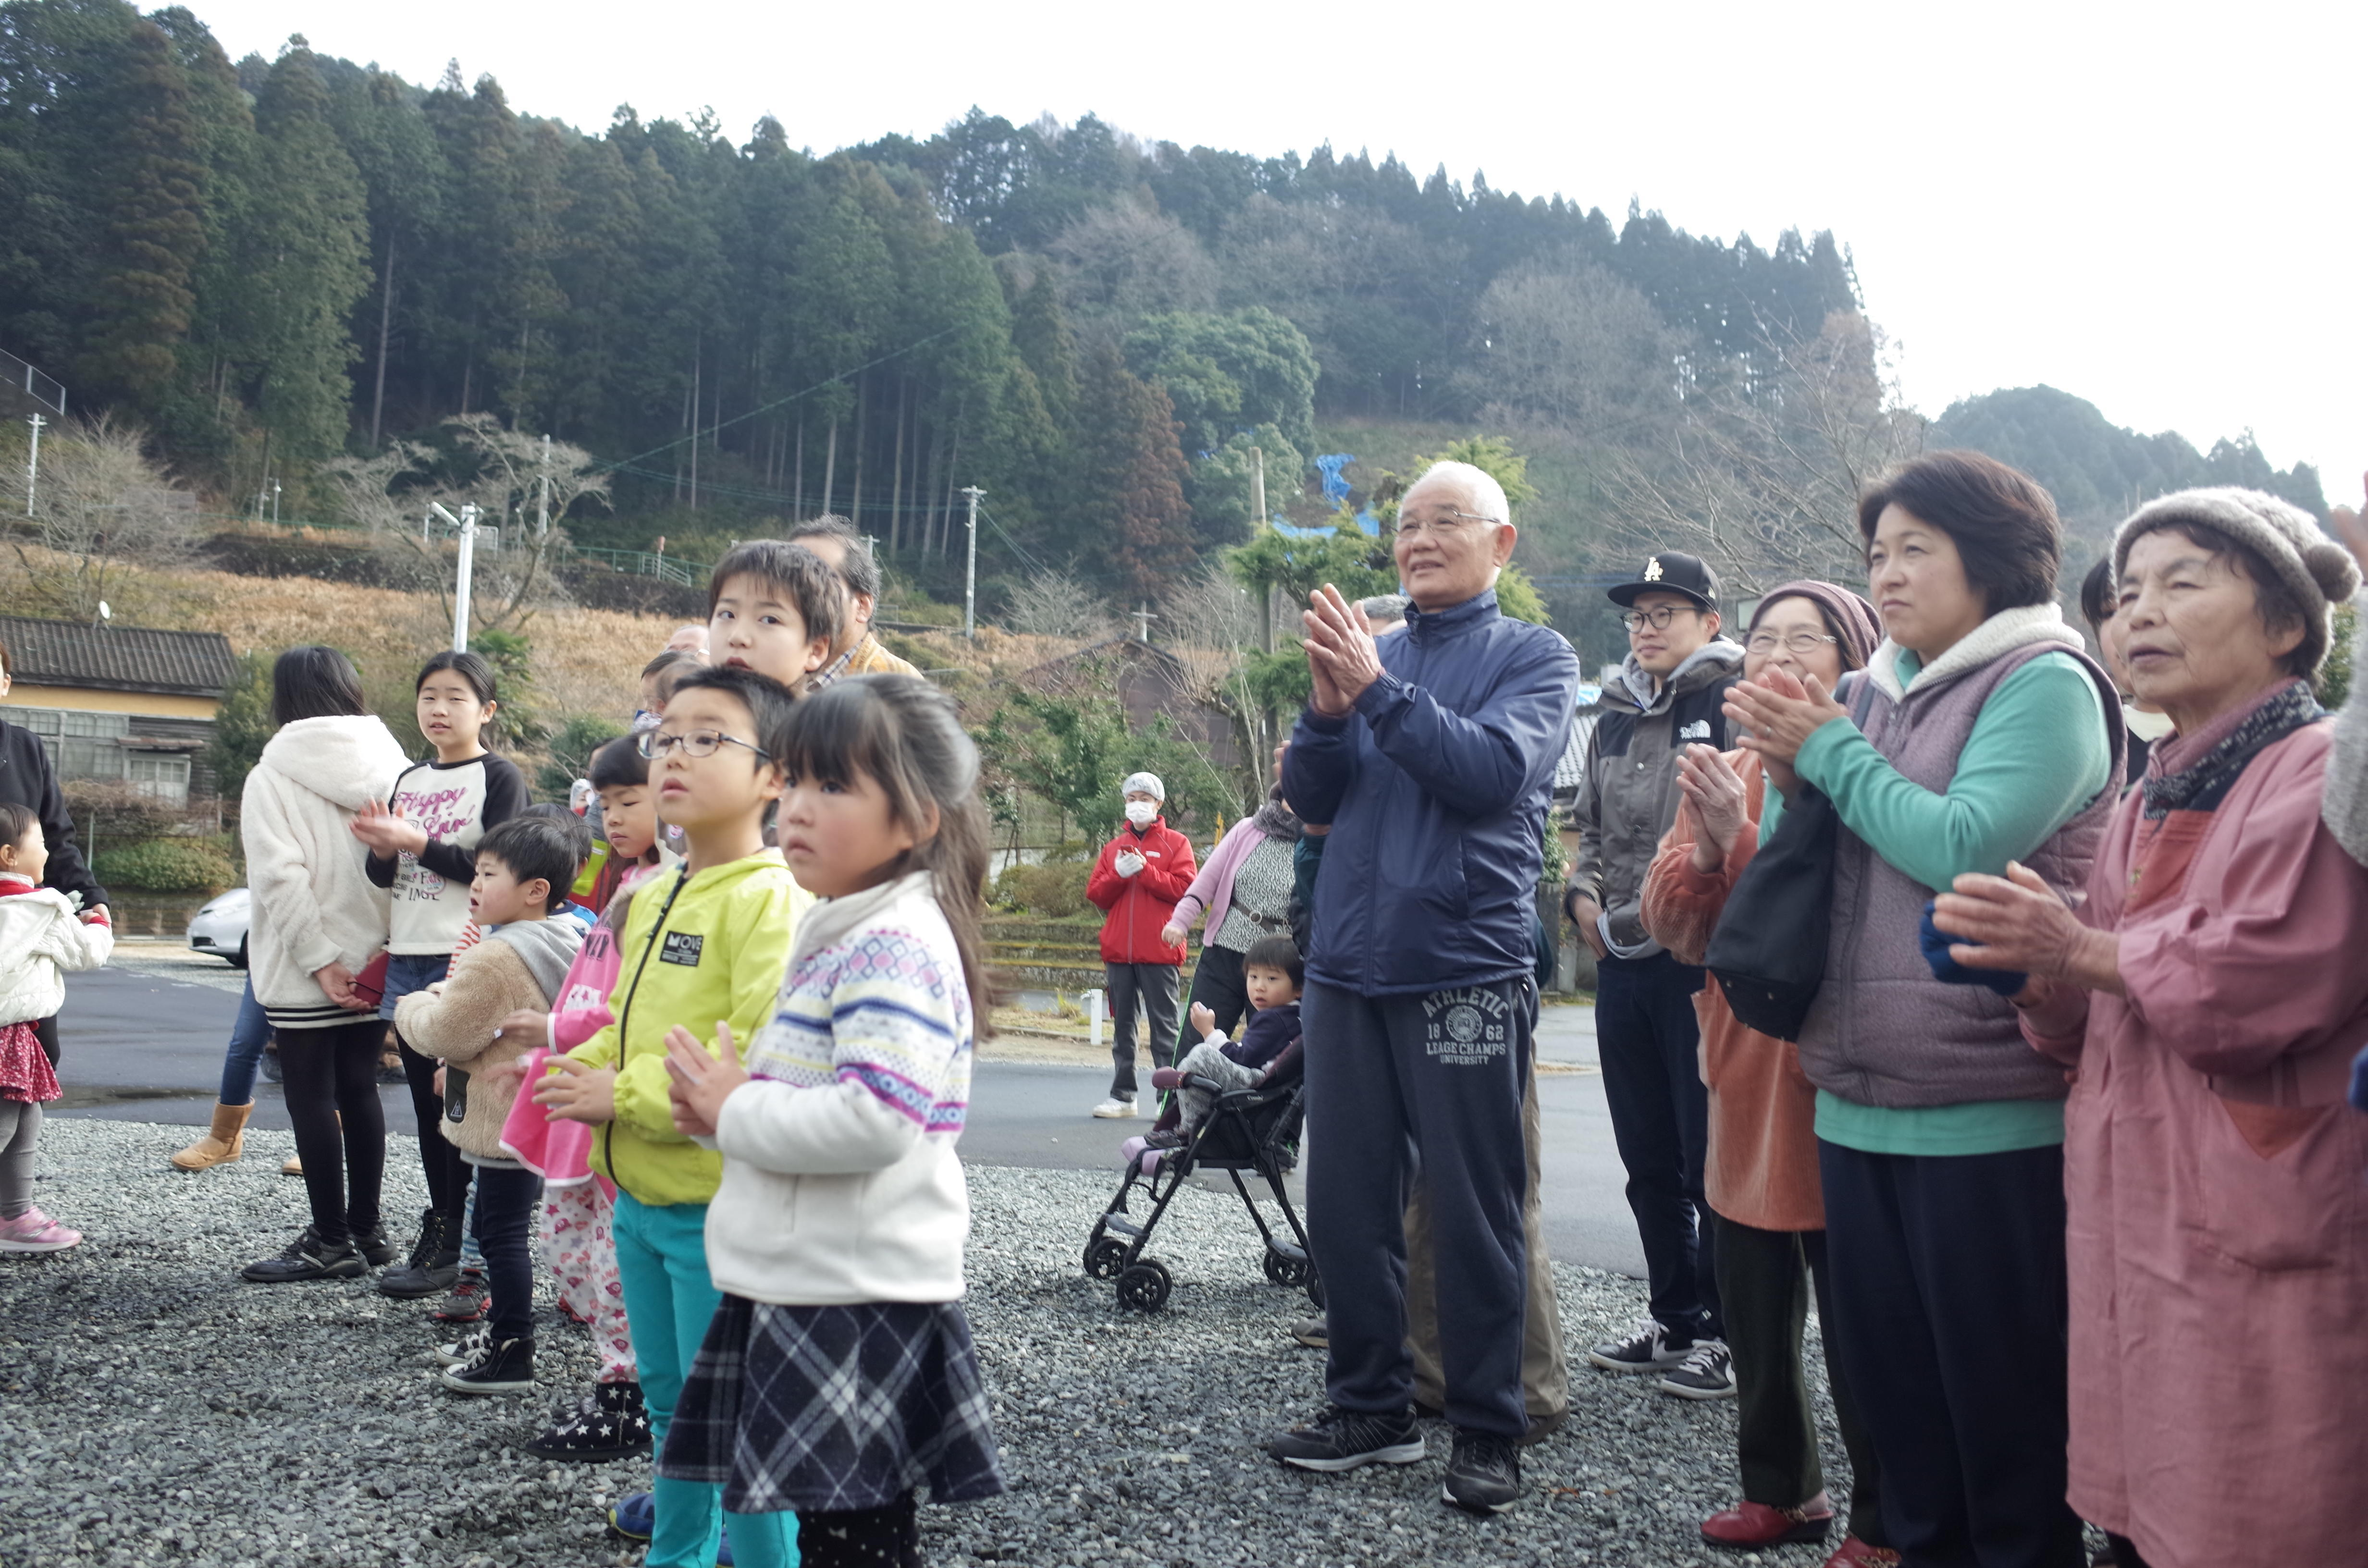 http://news.yoshimoto.co.jp/20180105131237-2dfe2d76ccf6fe2fdbc9a4adfdd3c7bf59b1f49b.jpg